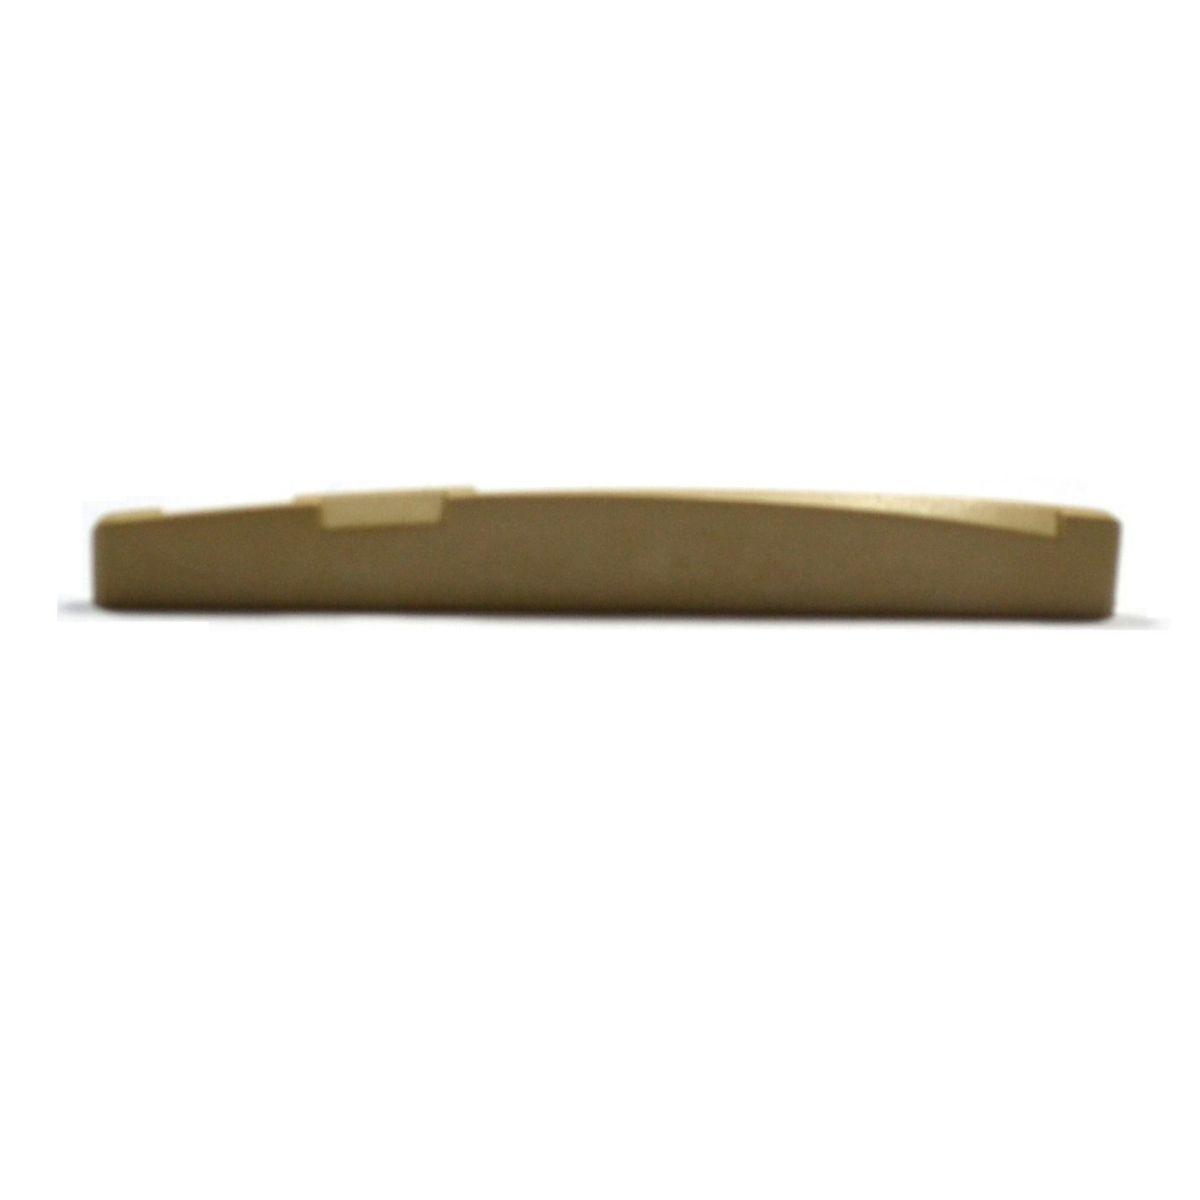 """Rastilho com compensação de oitava de plástico cor """"areia""""  para violão/viola (3mm x 7.8/6.8mm x 74mm) - Alice (A026CGY)  - Luthieria Brasil"""